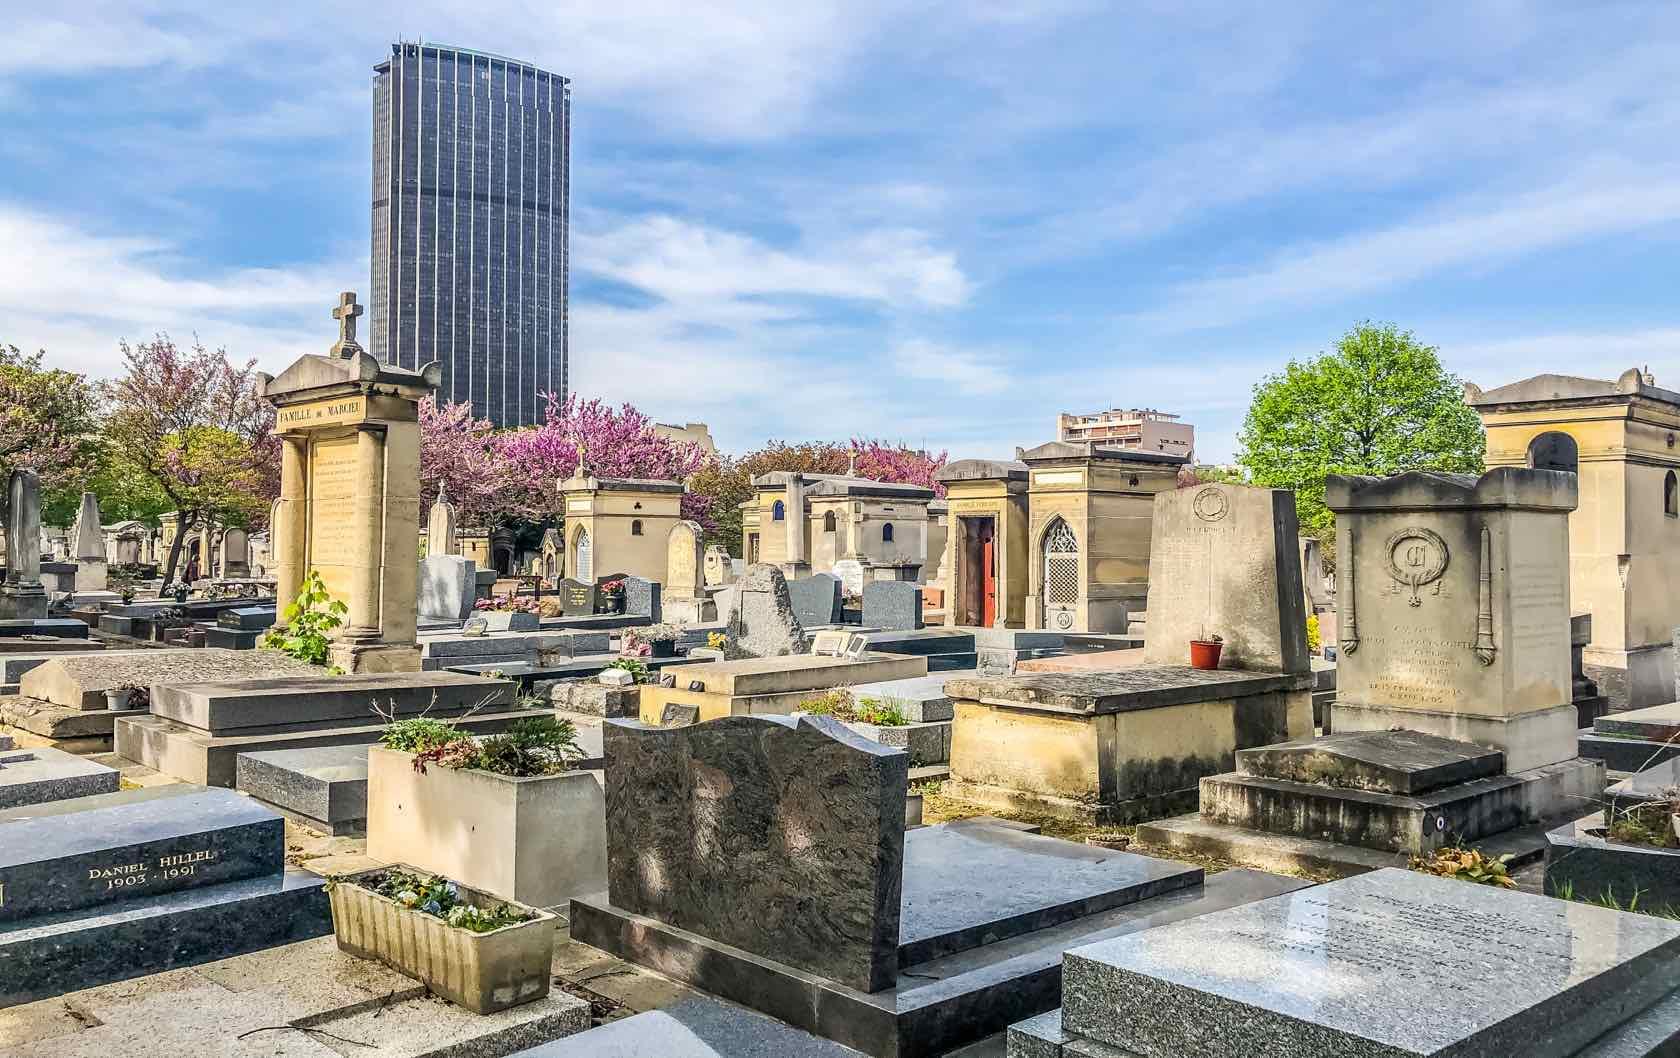 Paris cemeteries Montparnasse